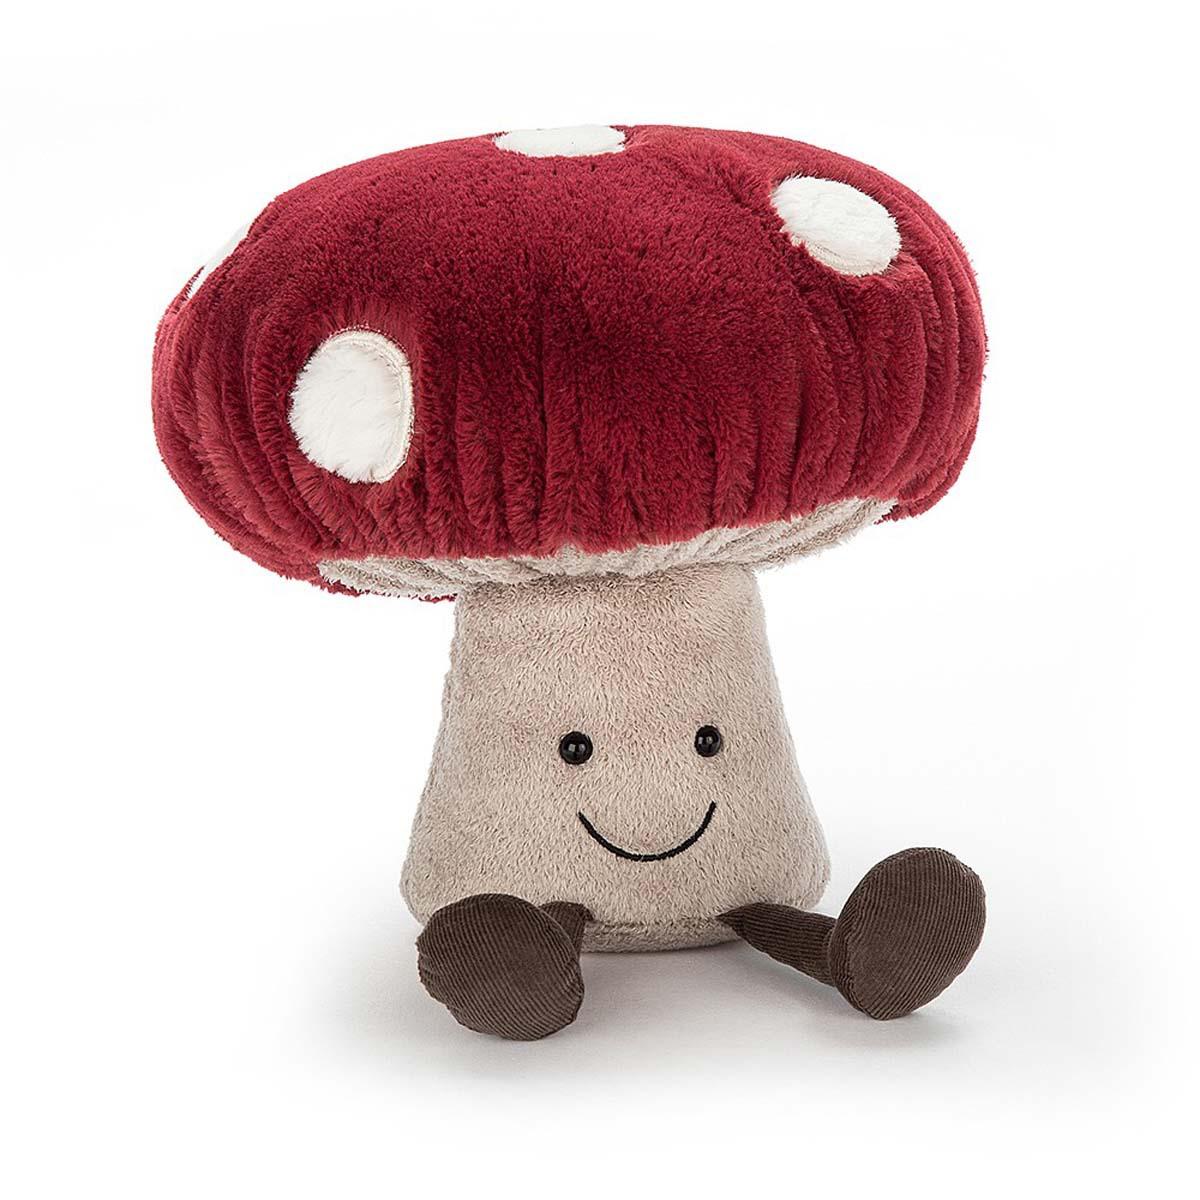 Peluche Amuseable Mushroom - Large Amuseable Mushroom - Large